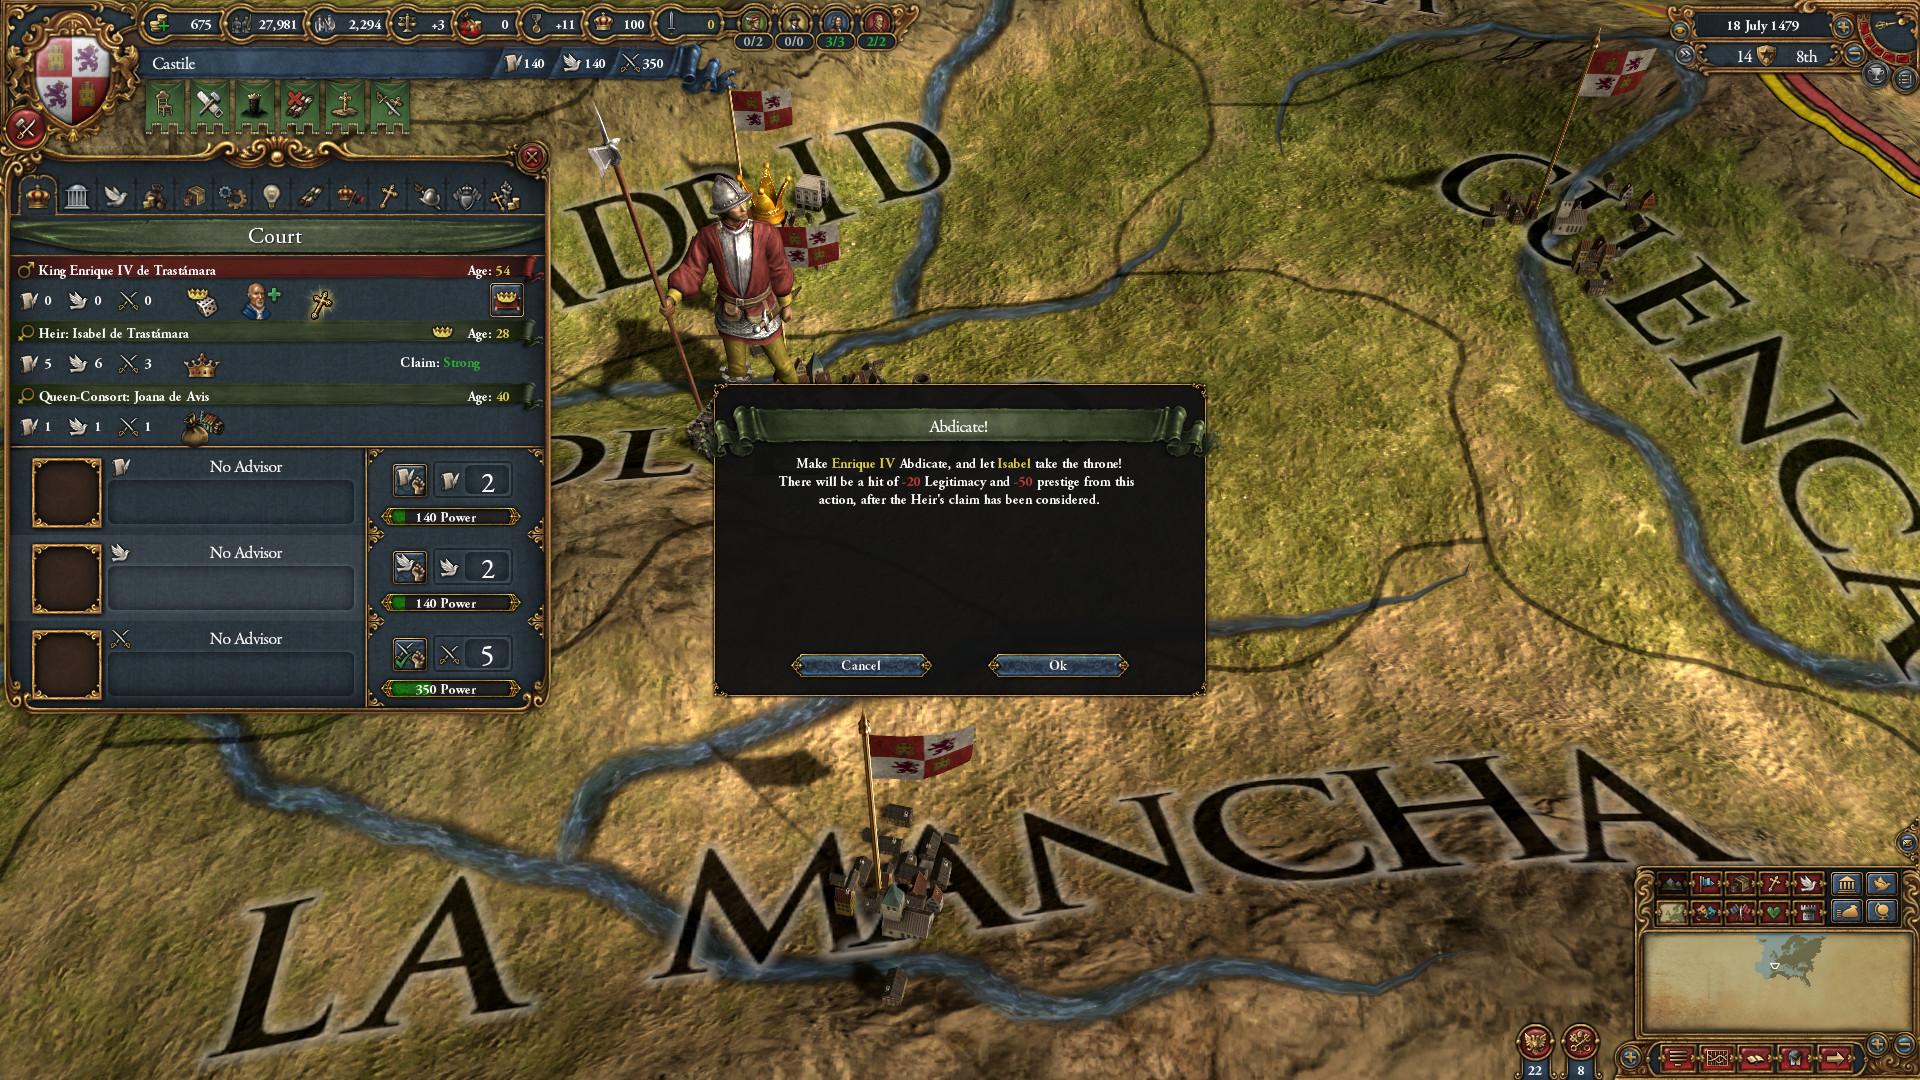 europa universalis 4 download mac free